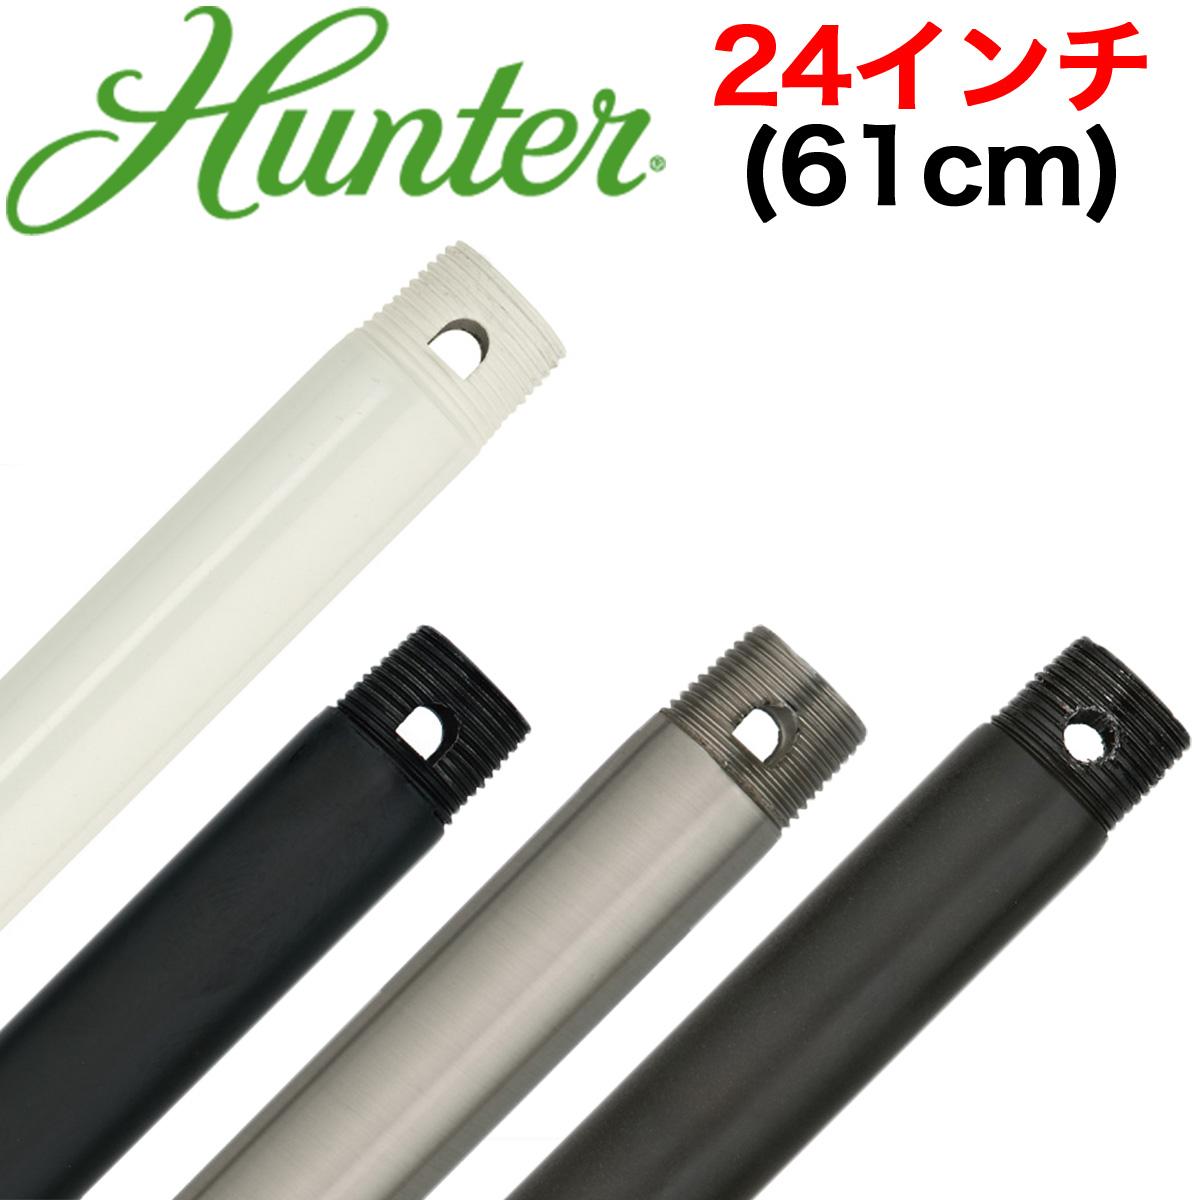 Hunter ハンター シーリングファン ハンターオリジナル アクセサリー 交換・延長用ダウンロッド 24インチ(61cm)